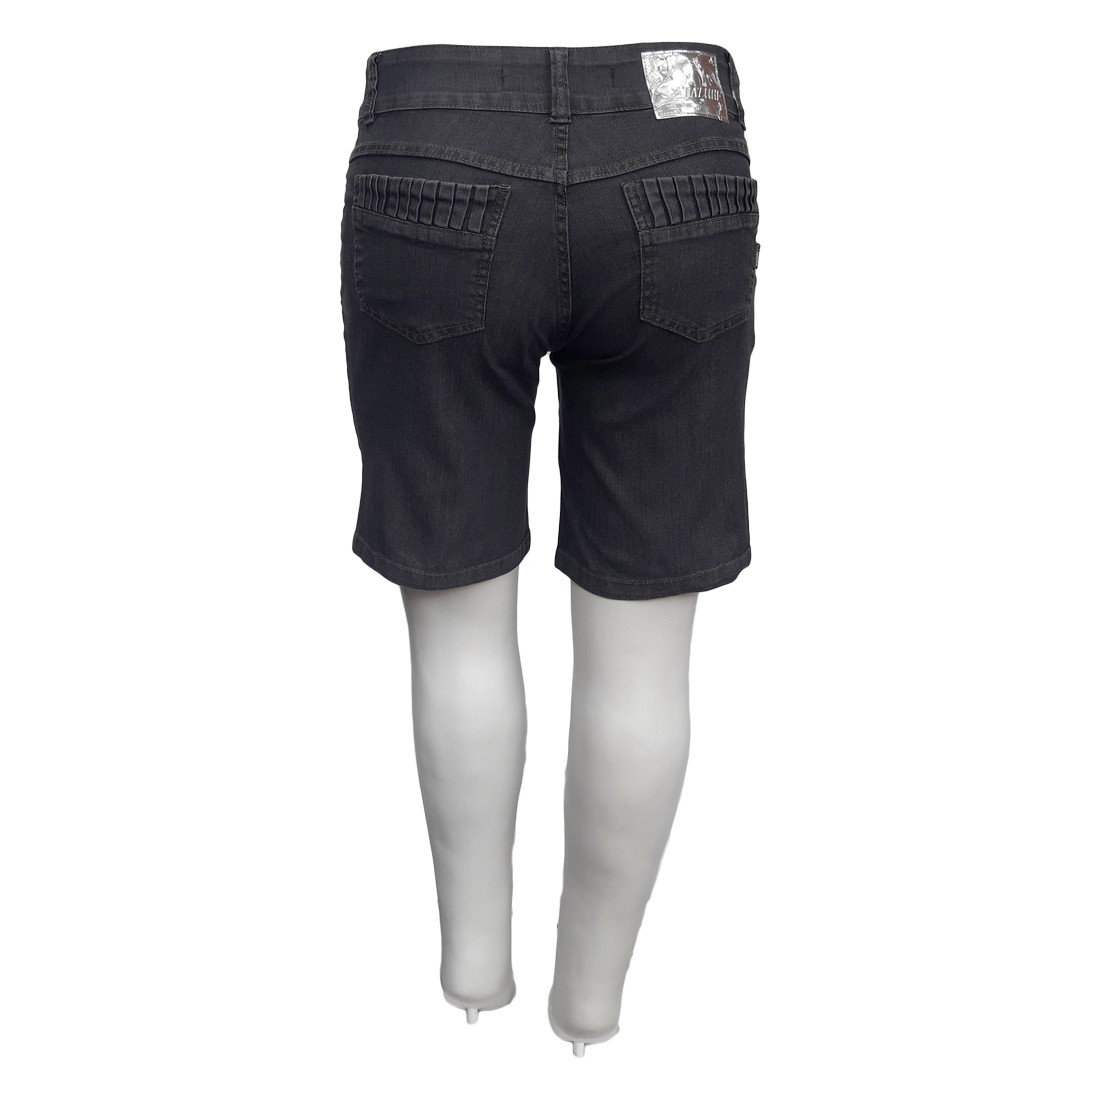 Bermuda Jeans Feminina Plus Size Ciclista Mod 4 Cintura Alta